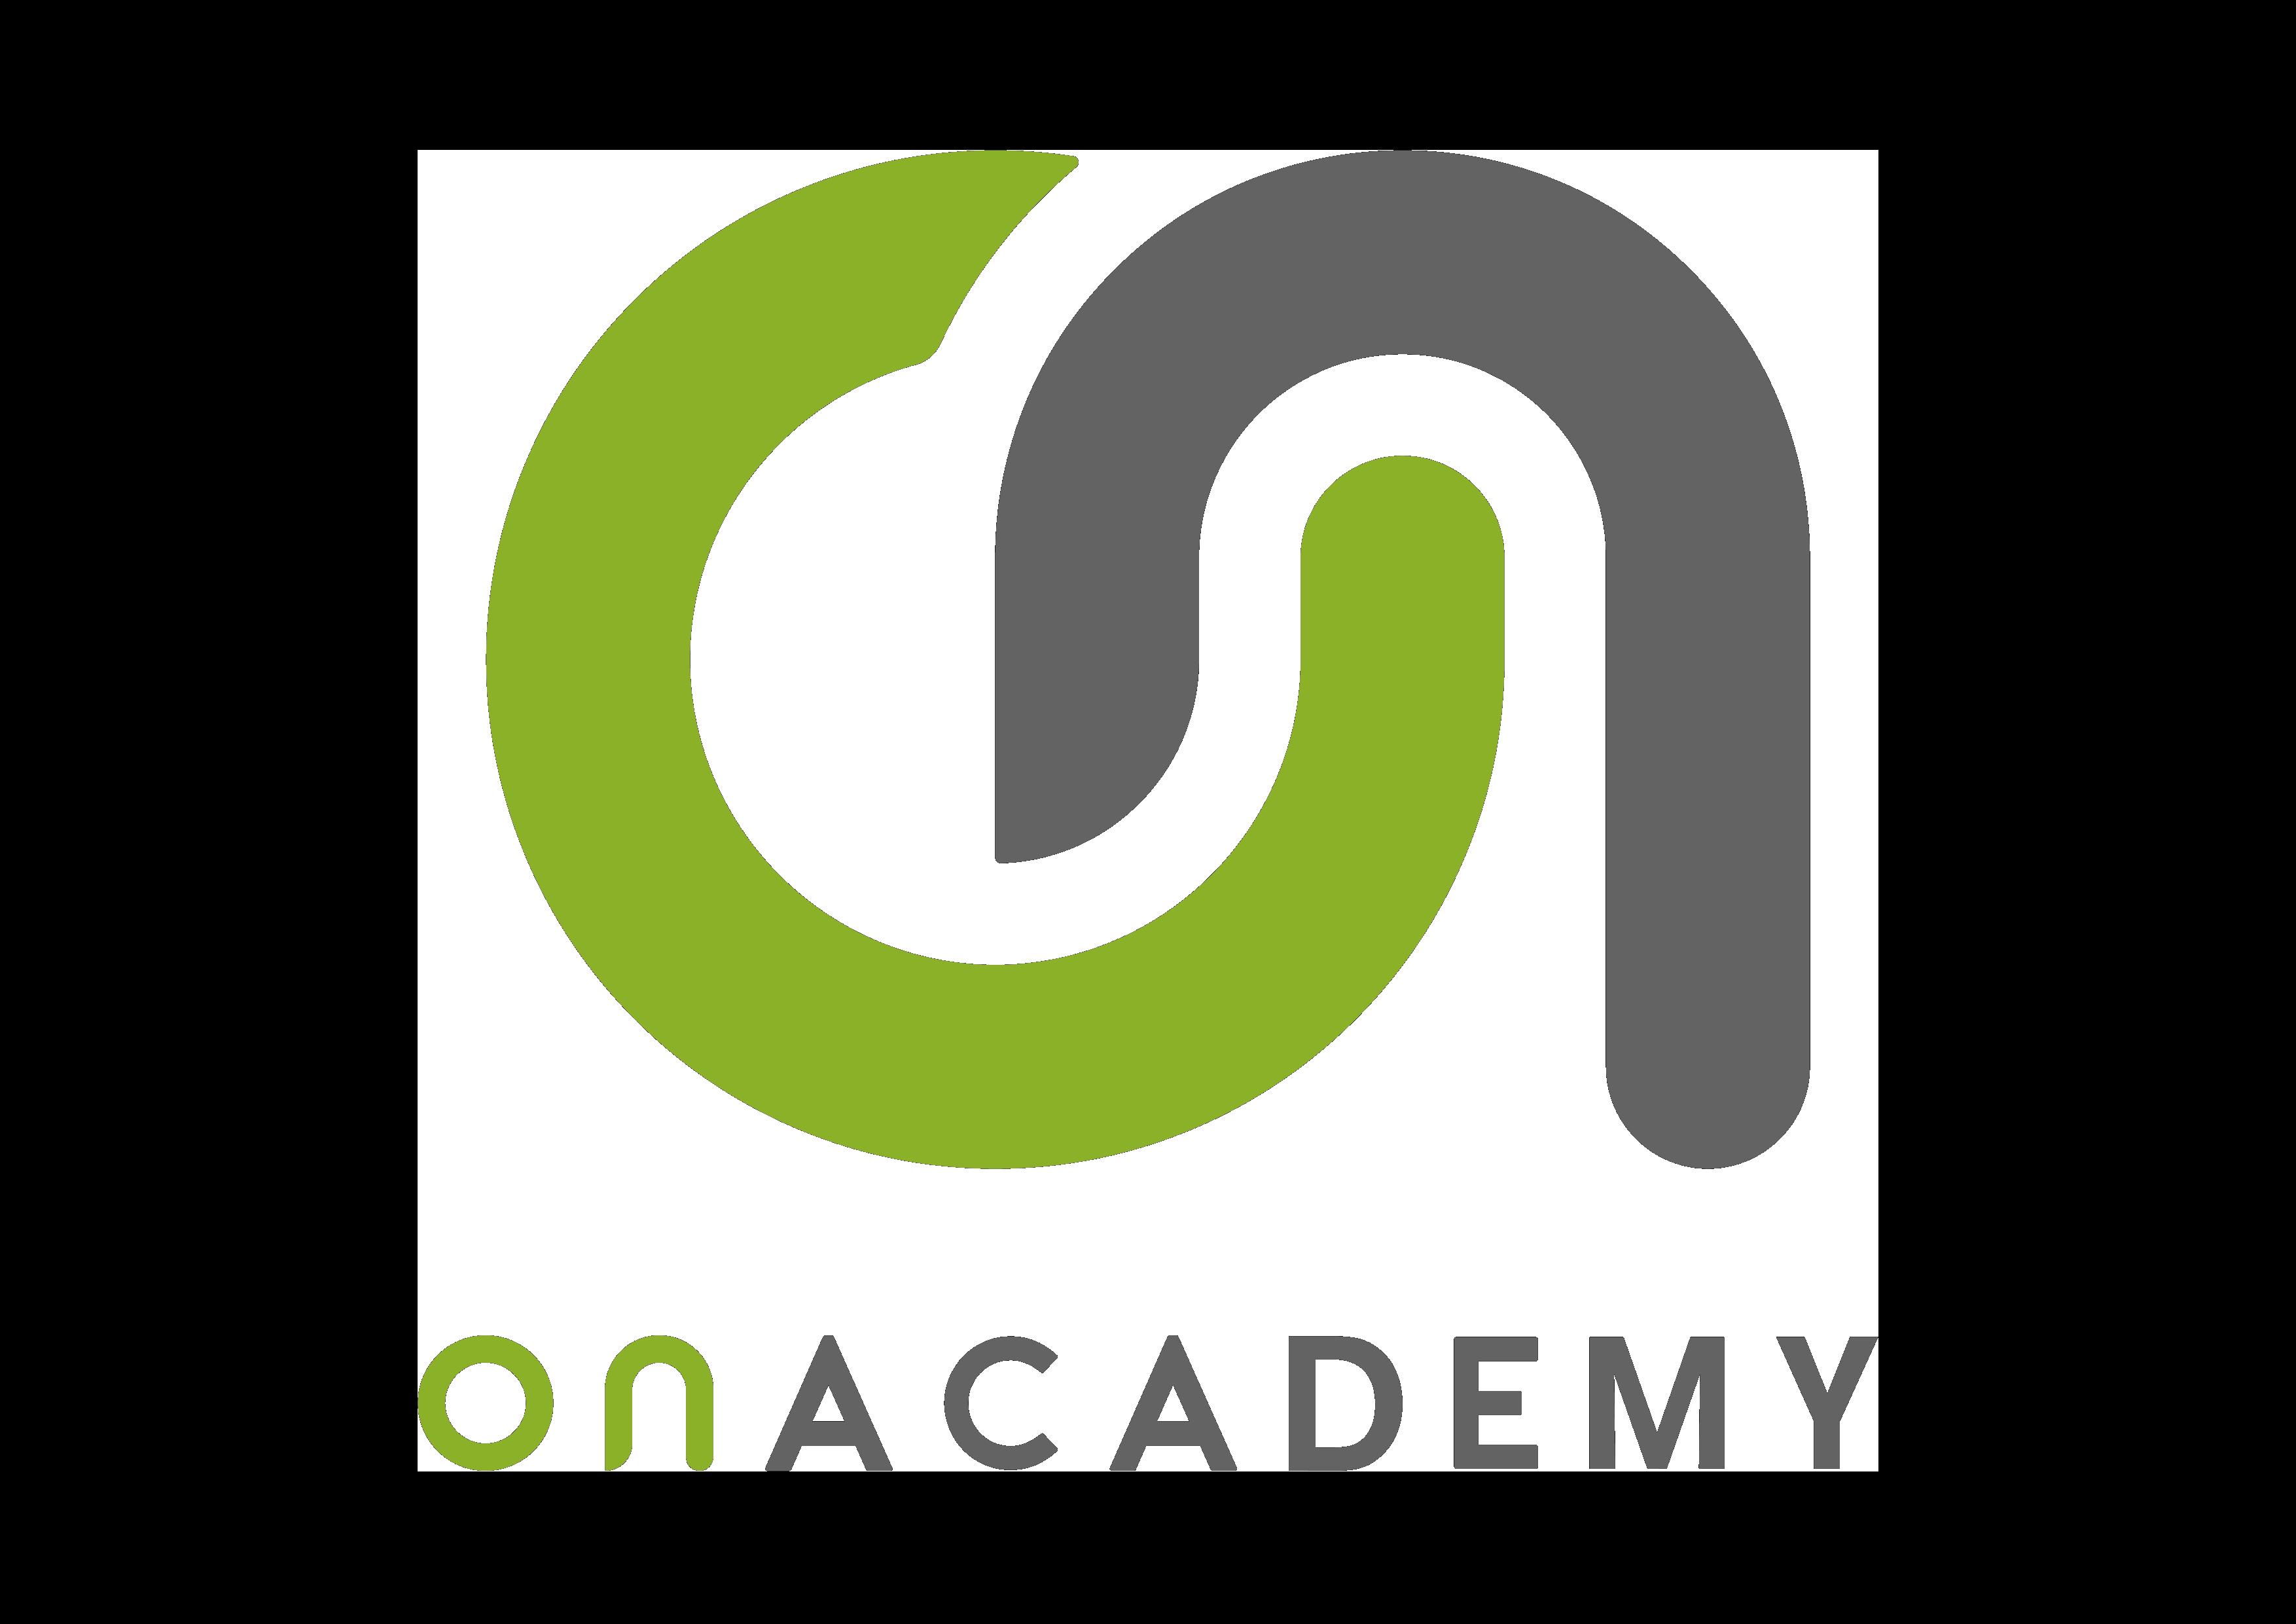 ON Academy